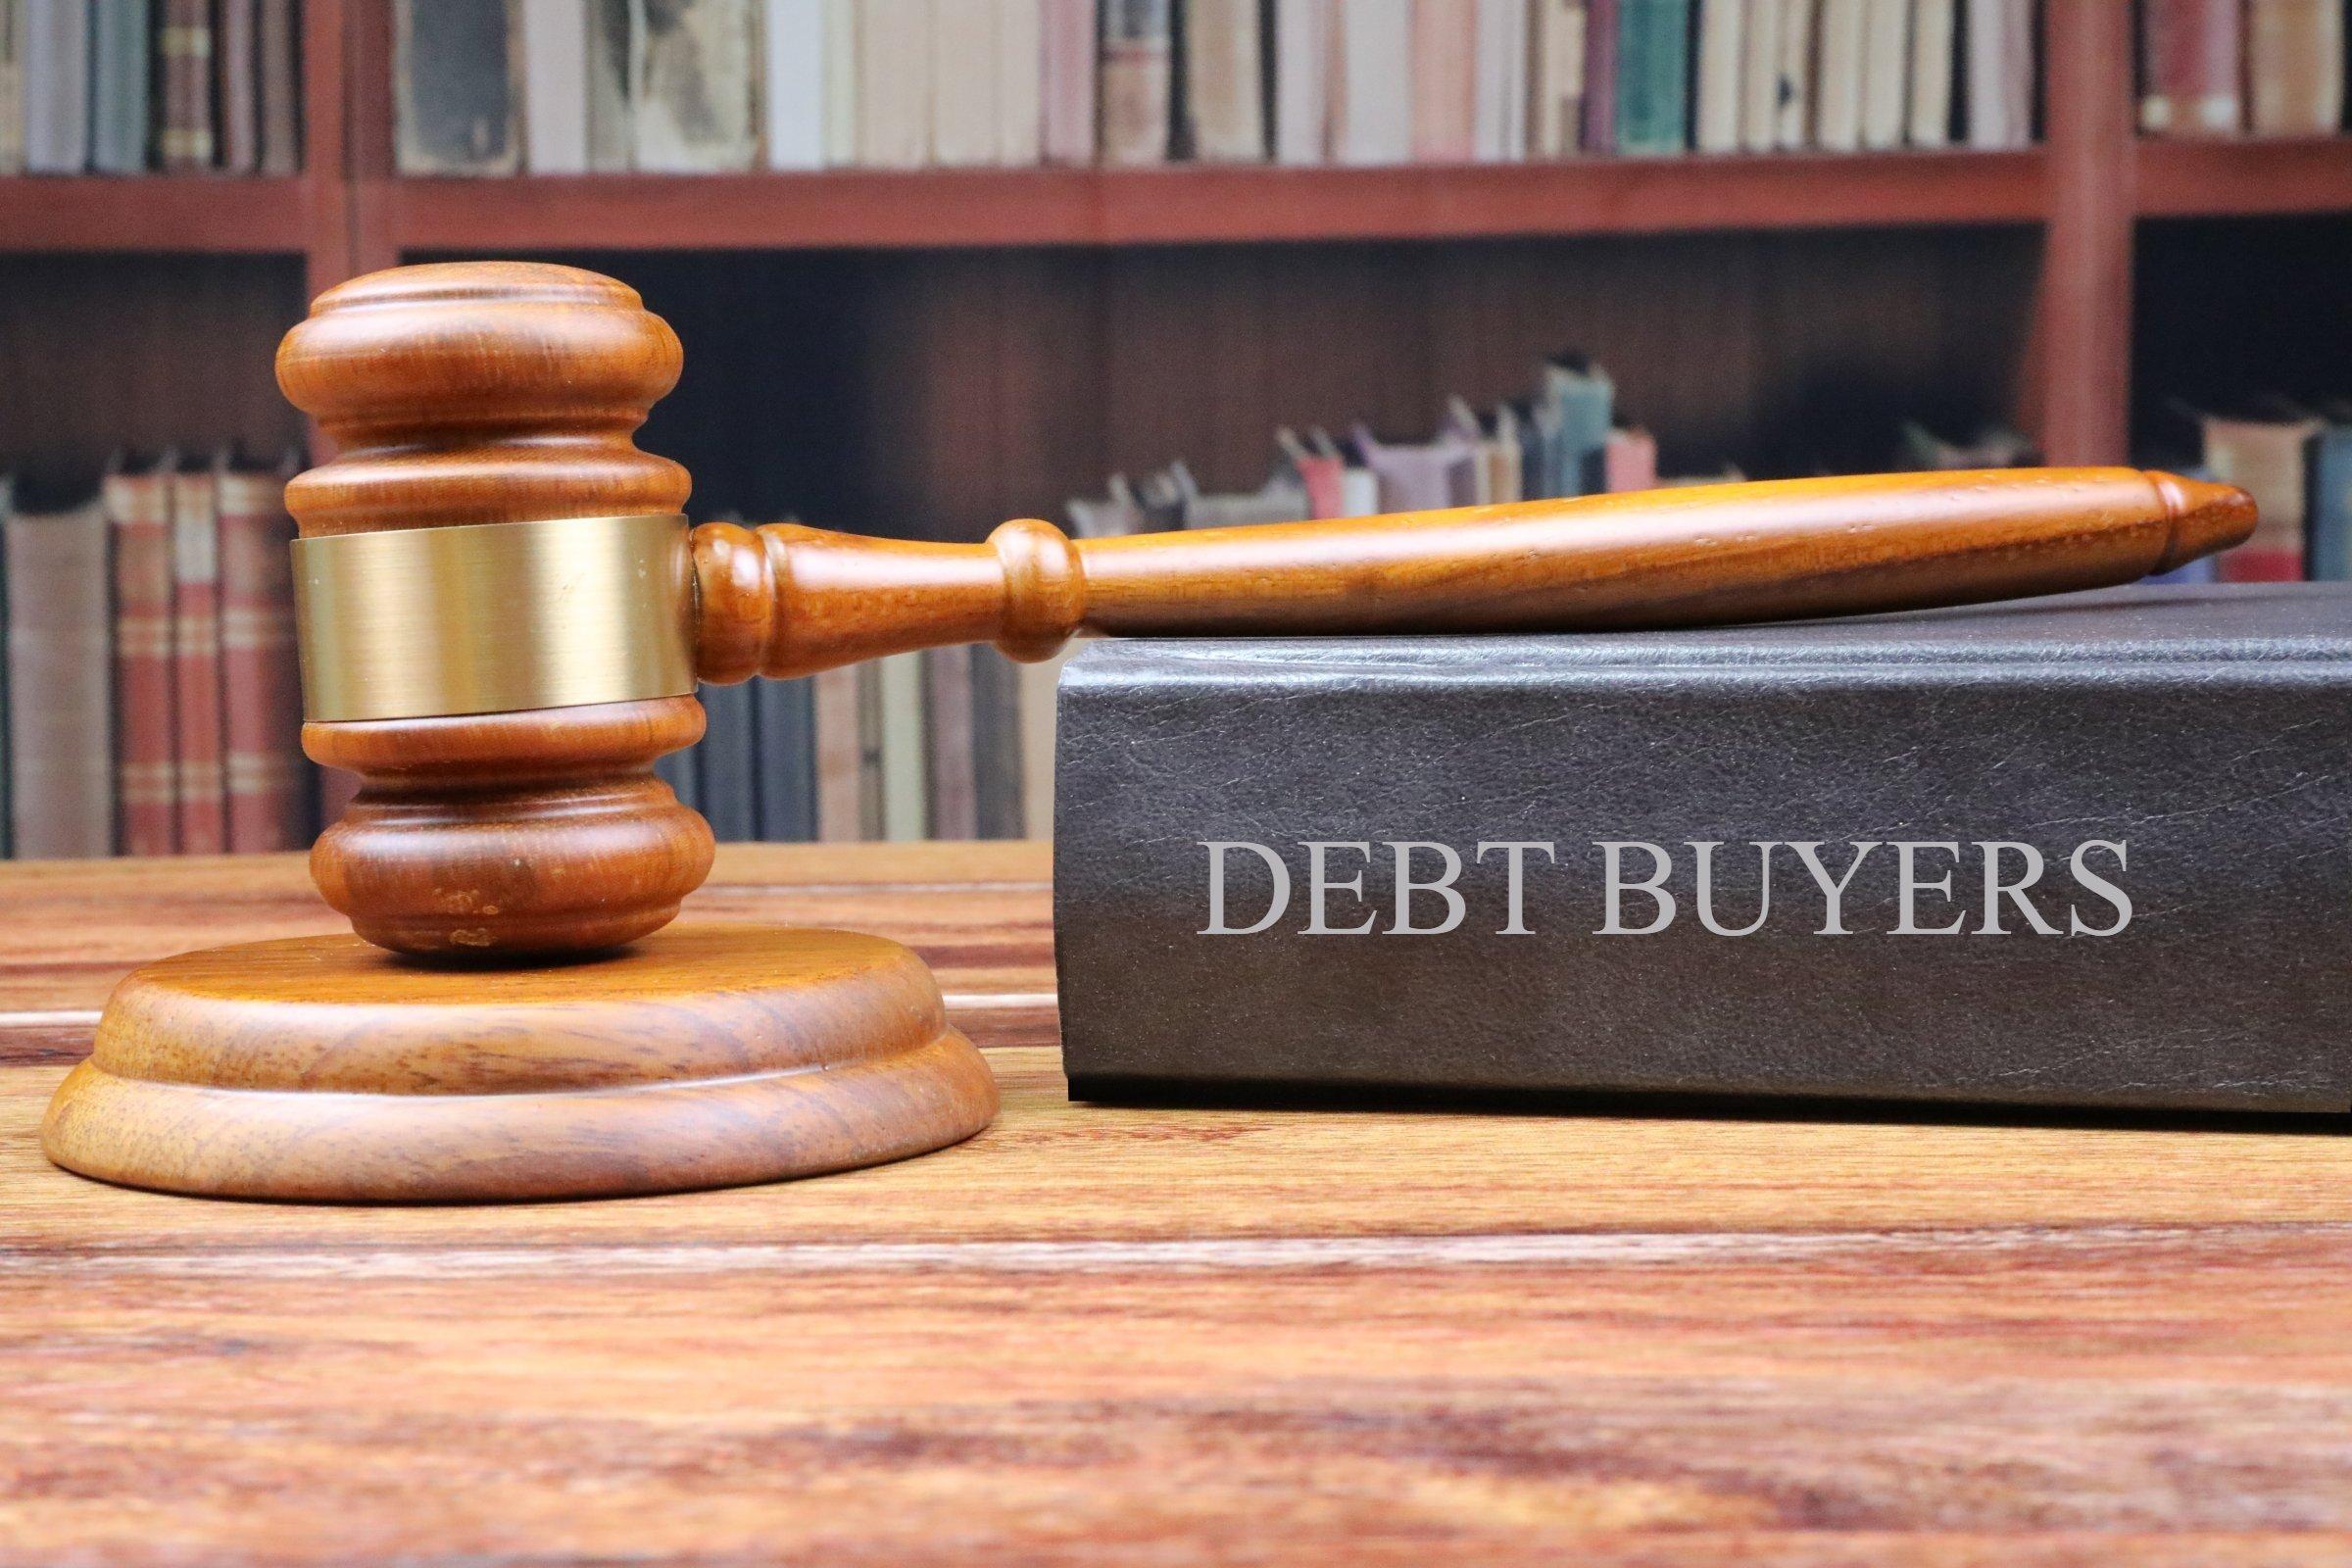 Debt Buyers